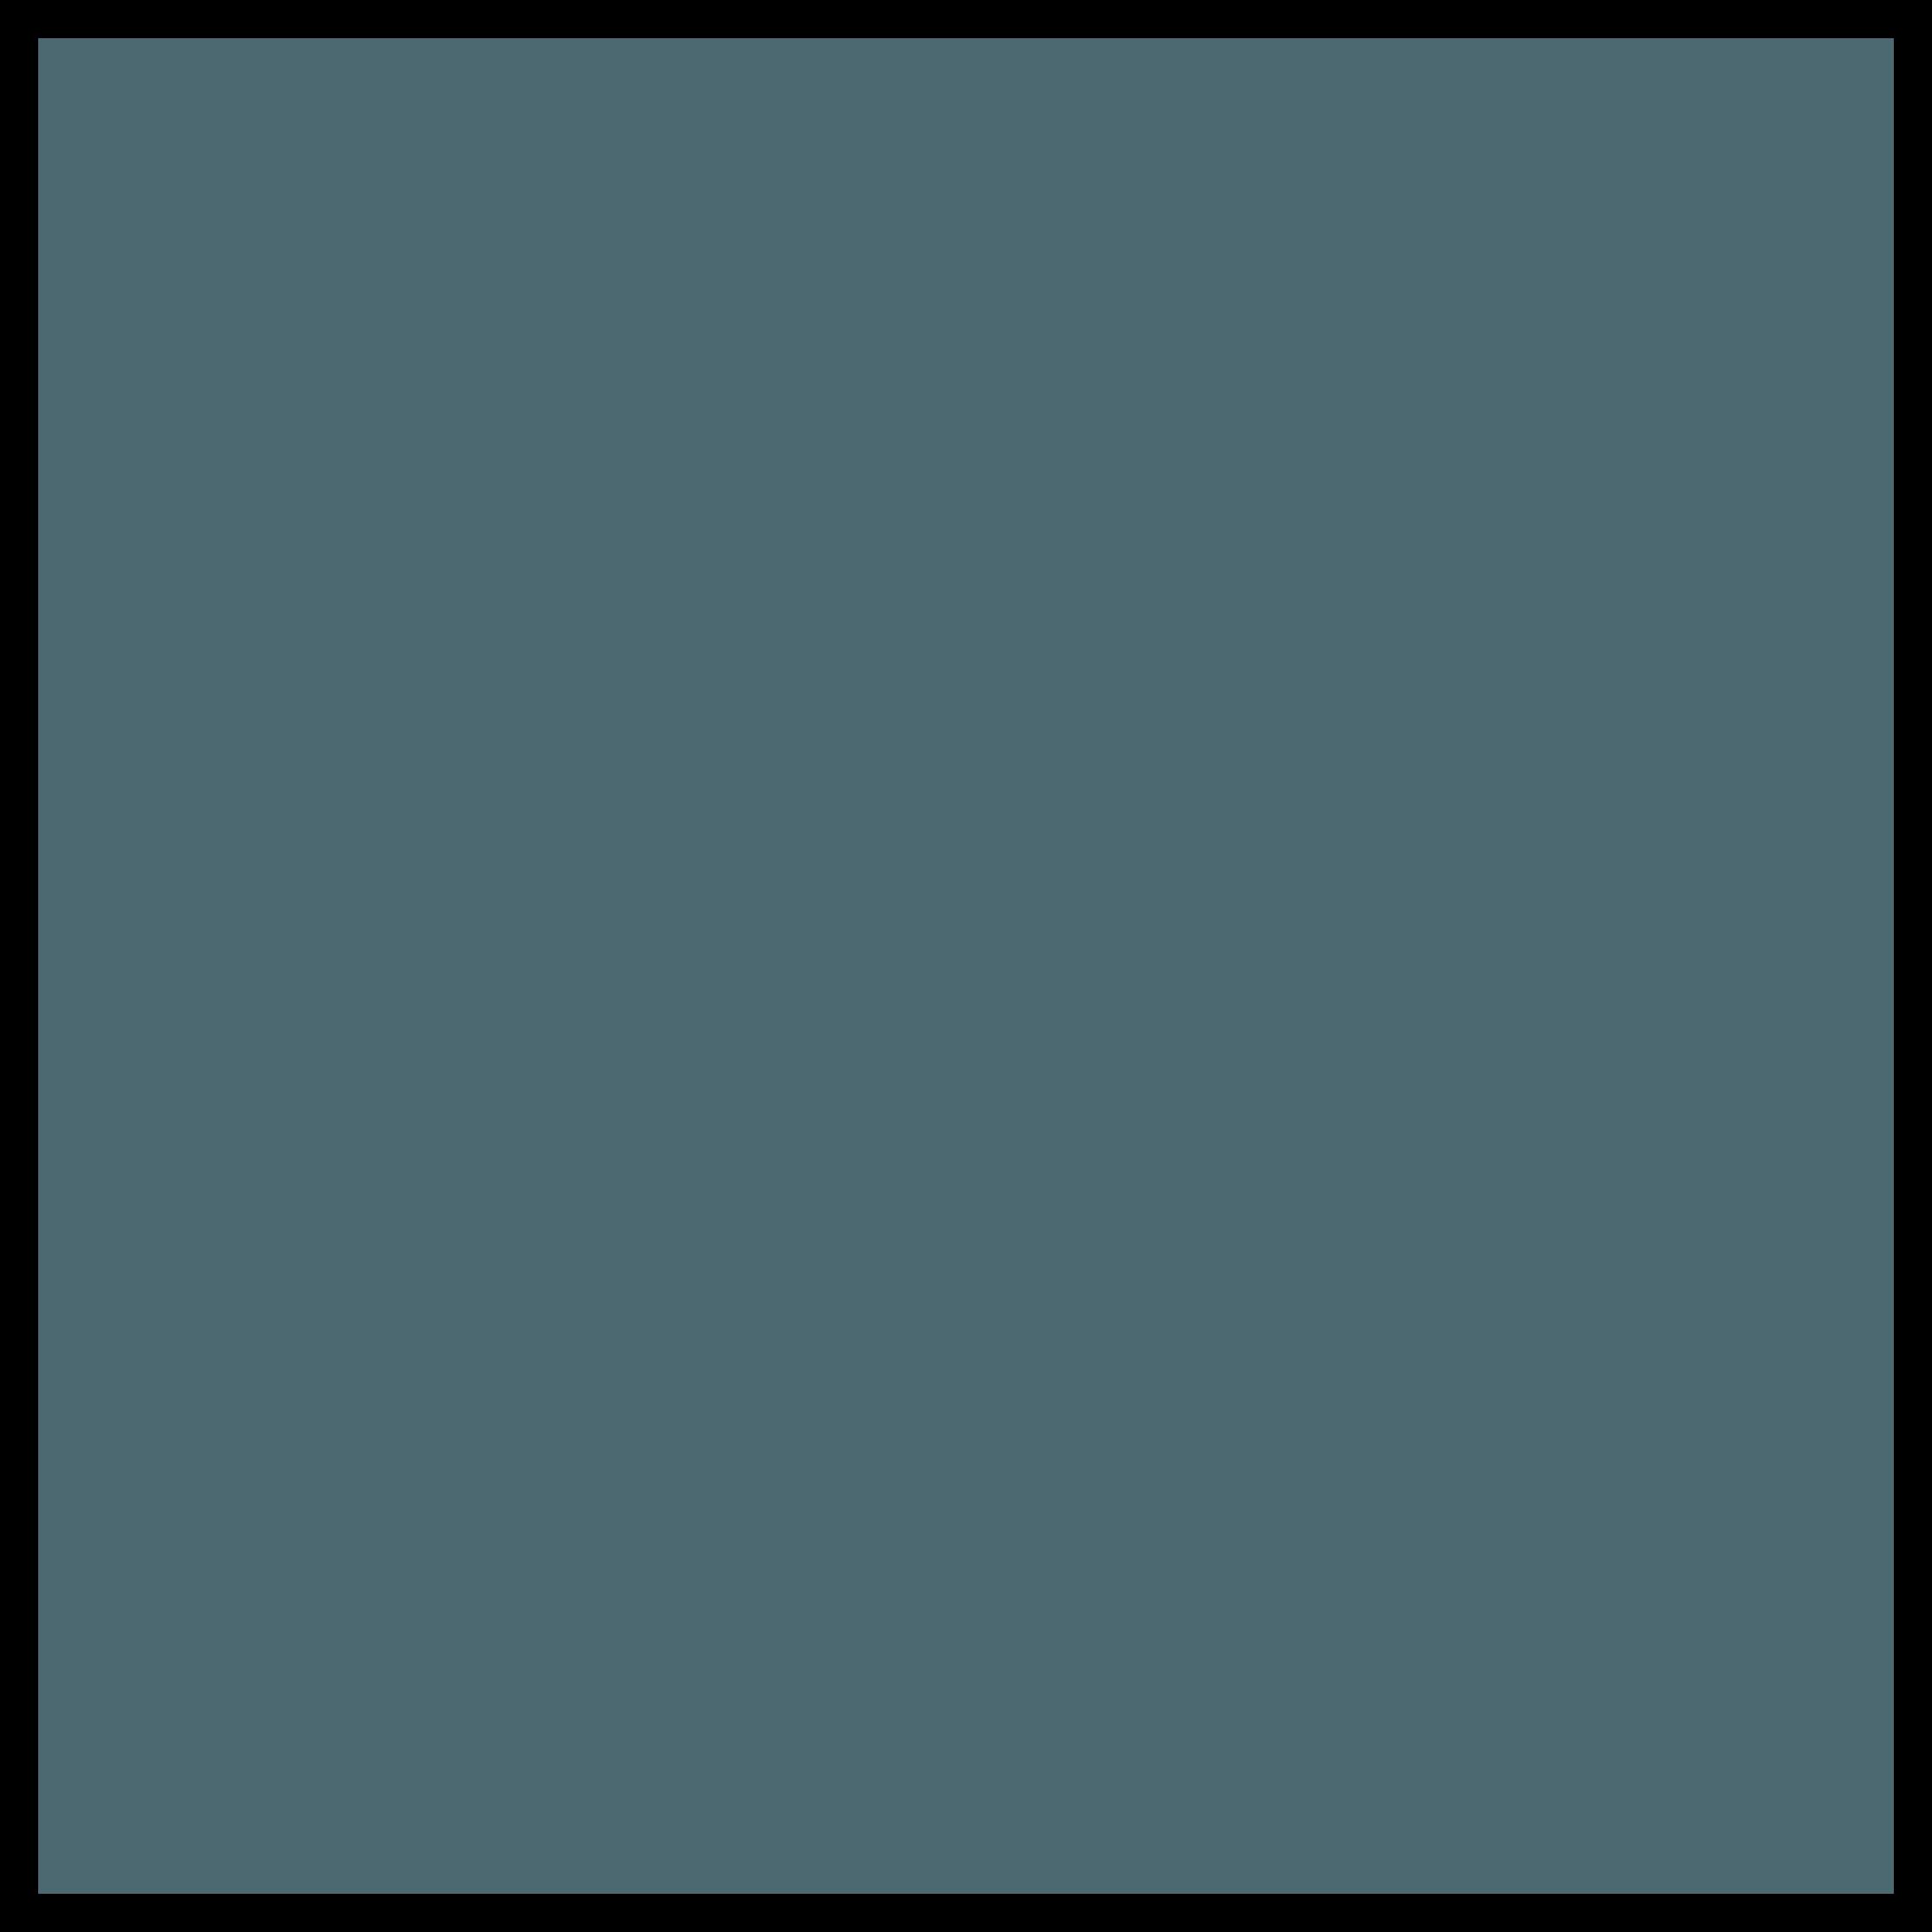 Clipart - Thin Square